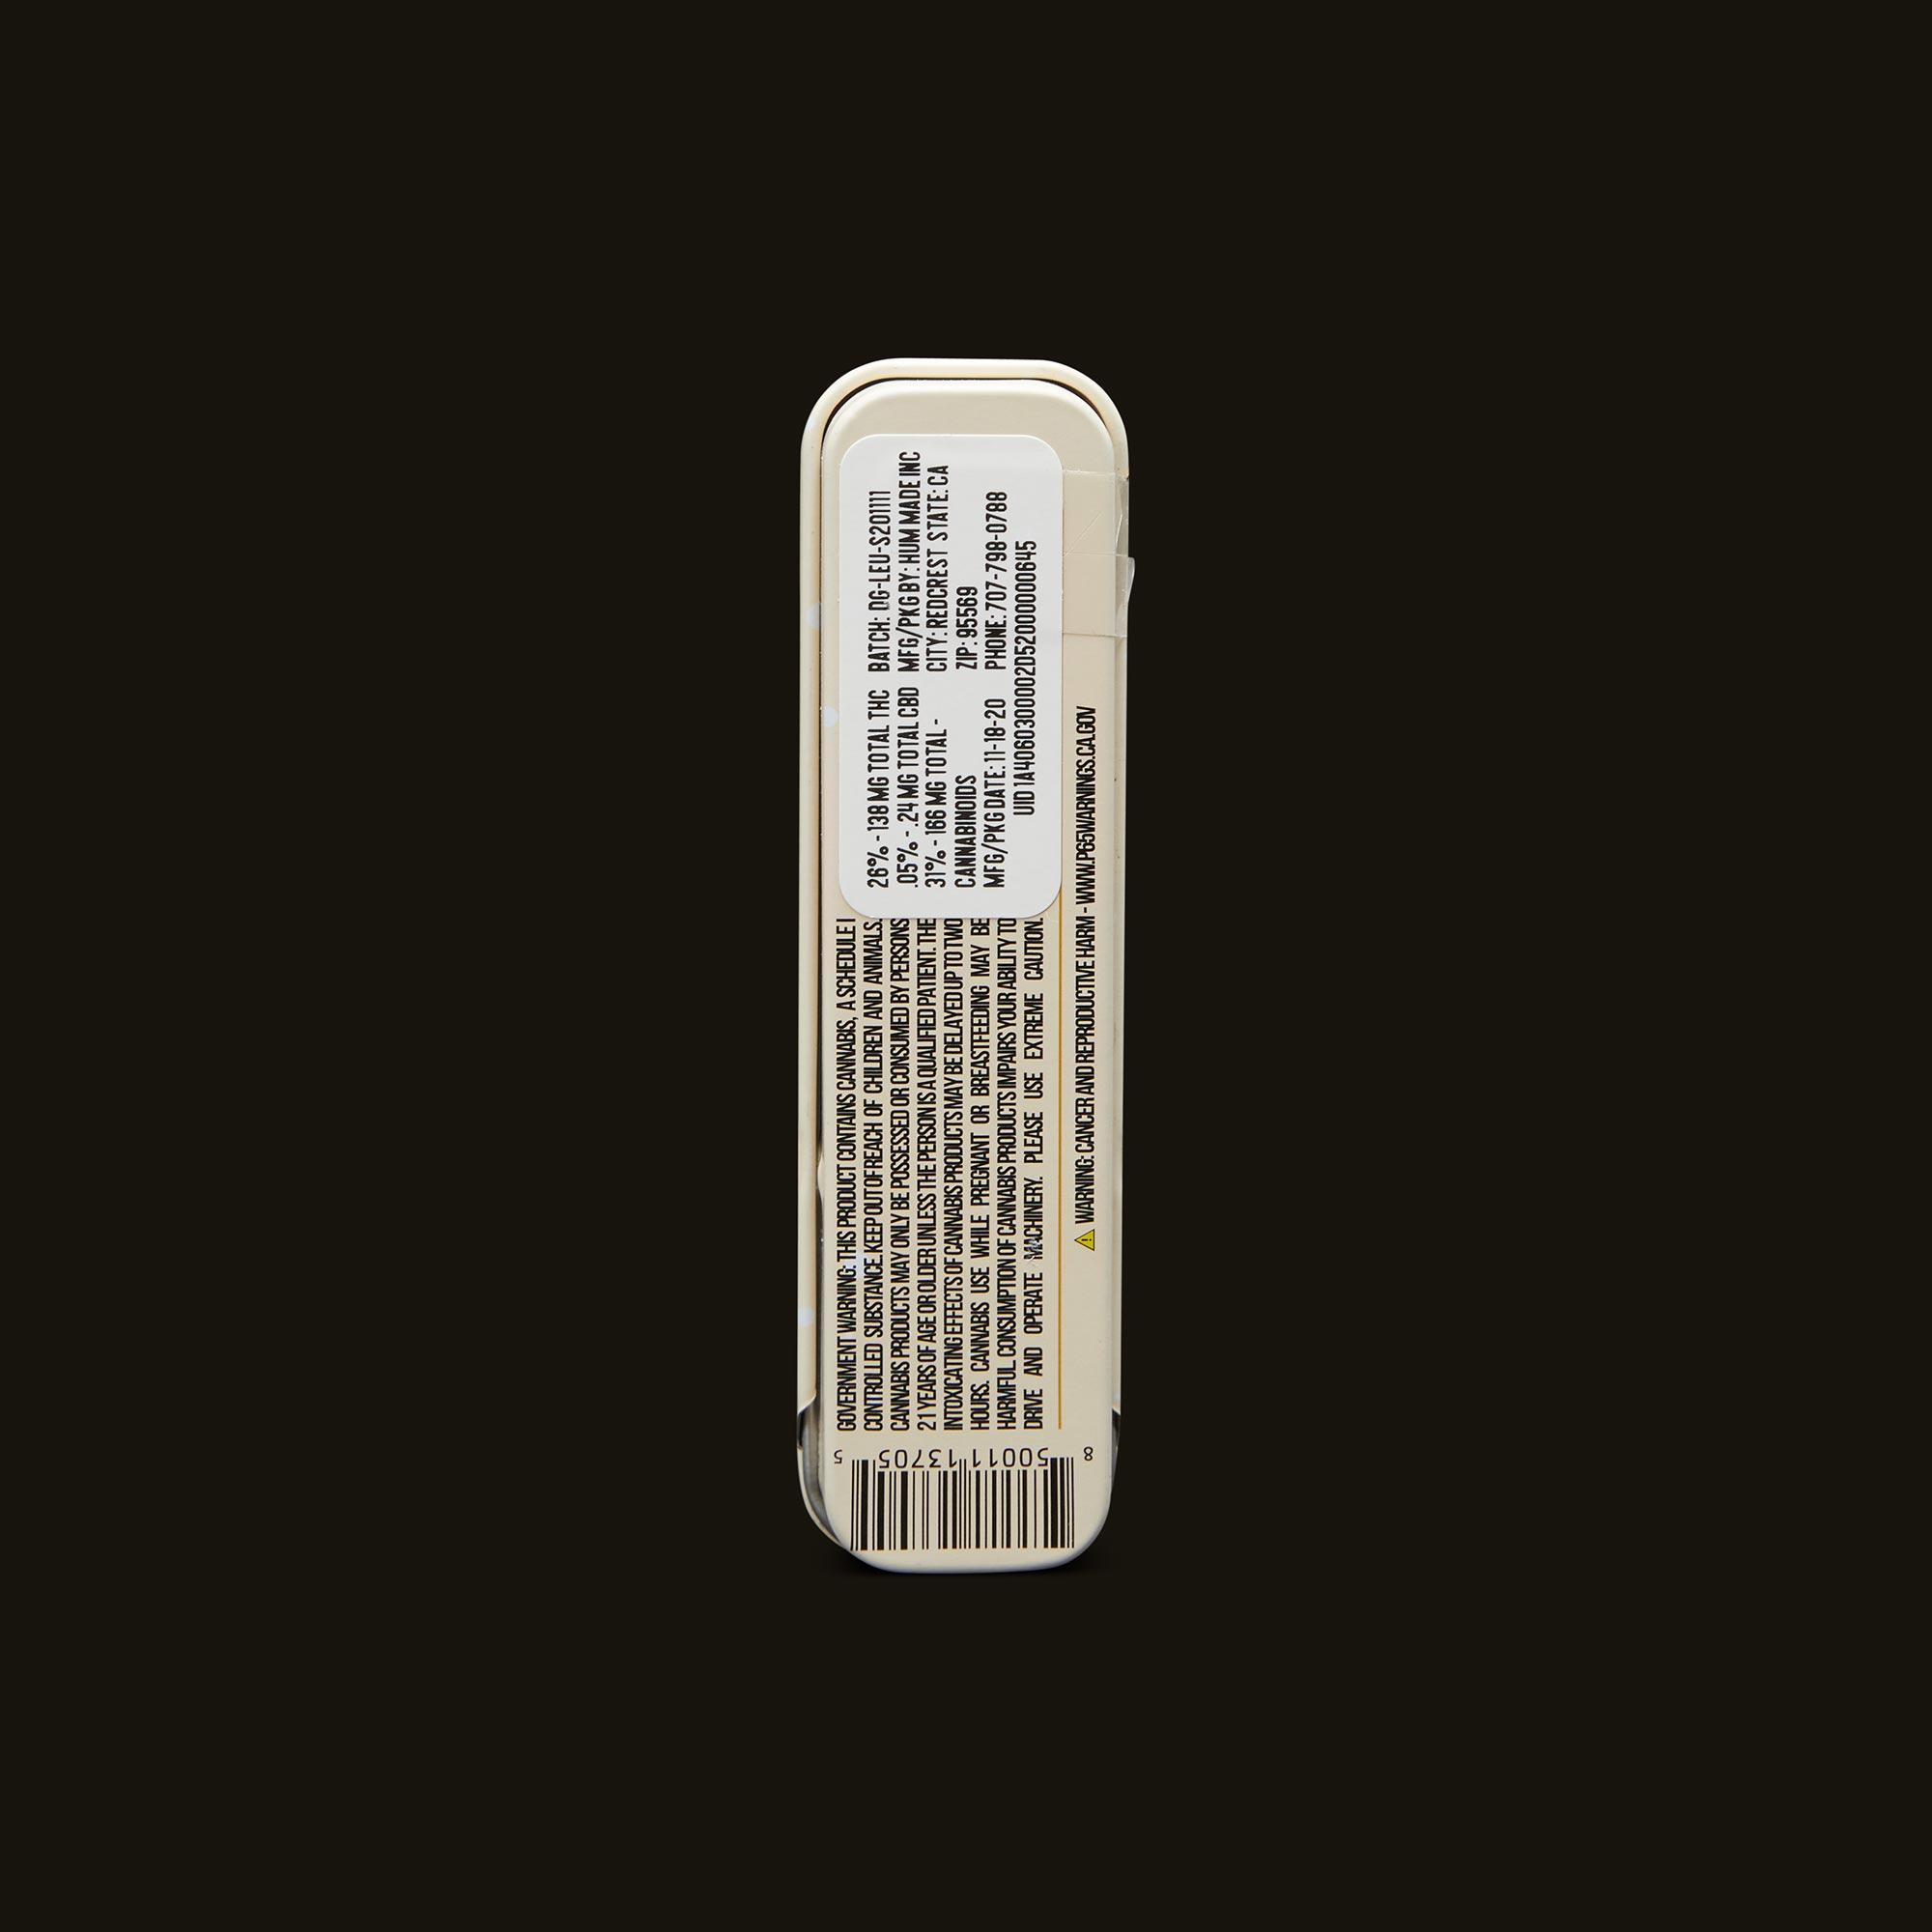 LEUNE Desert Gold Pre-Roll Back Packaging